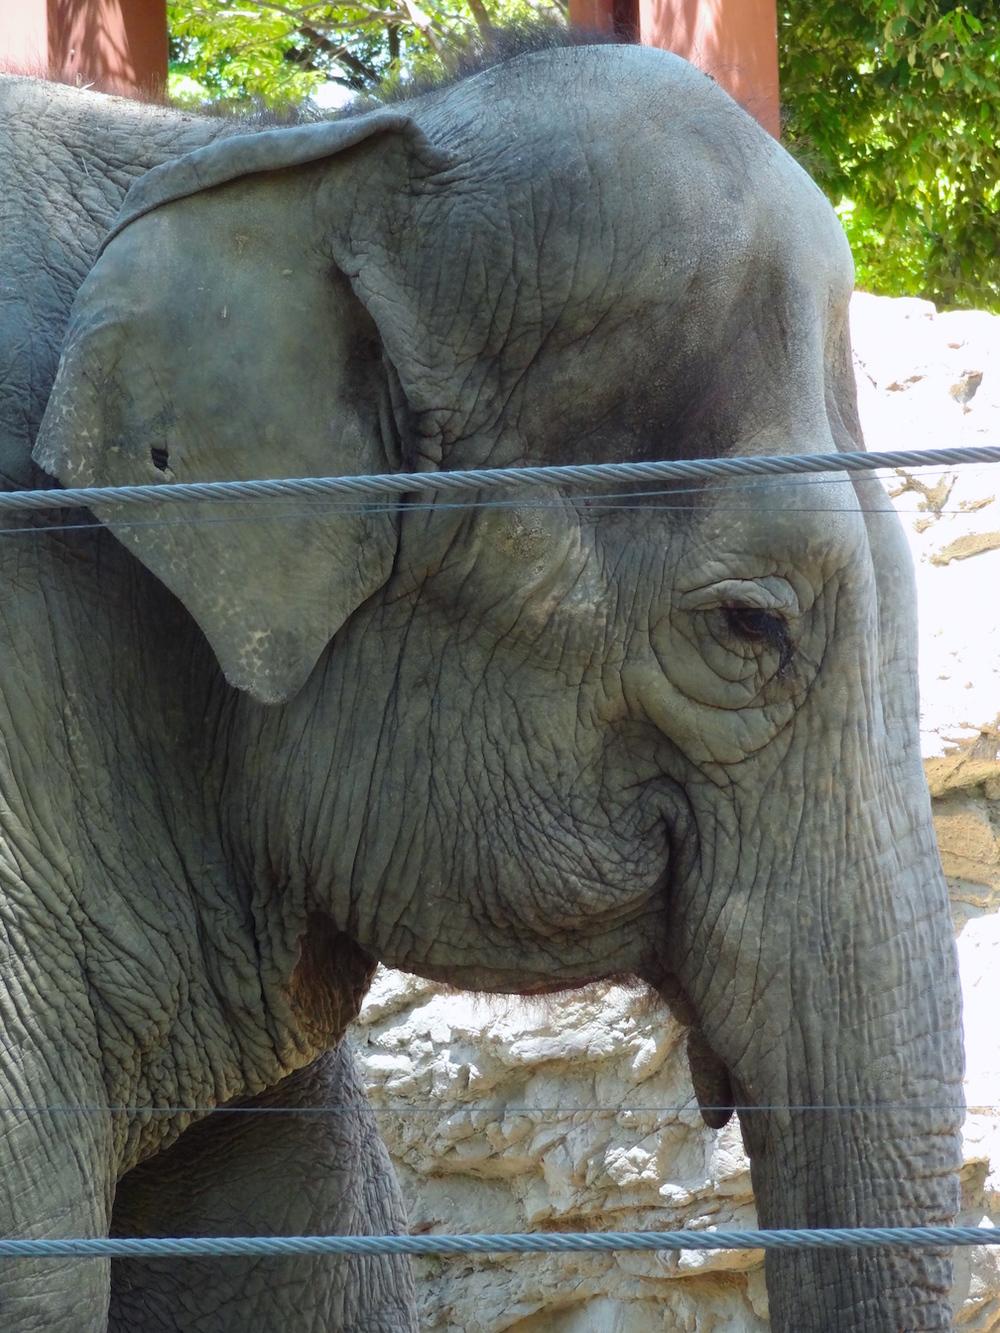 Ueno Zoo Elephant